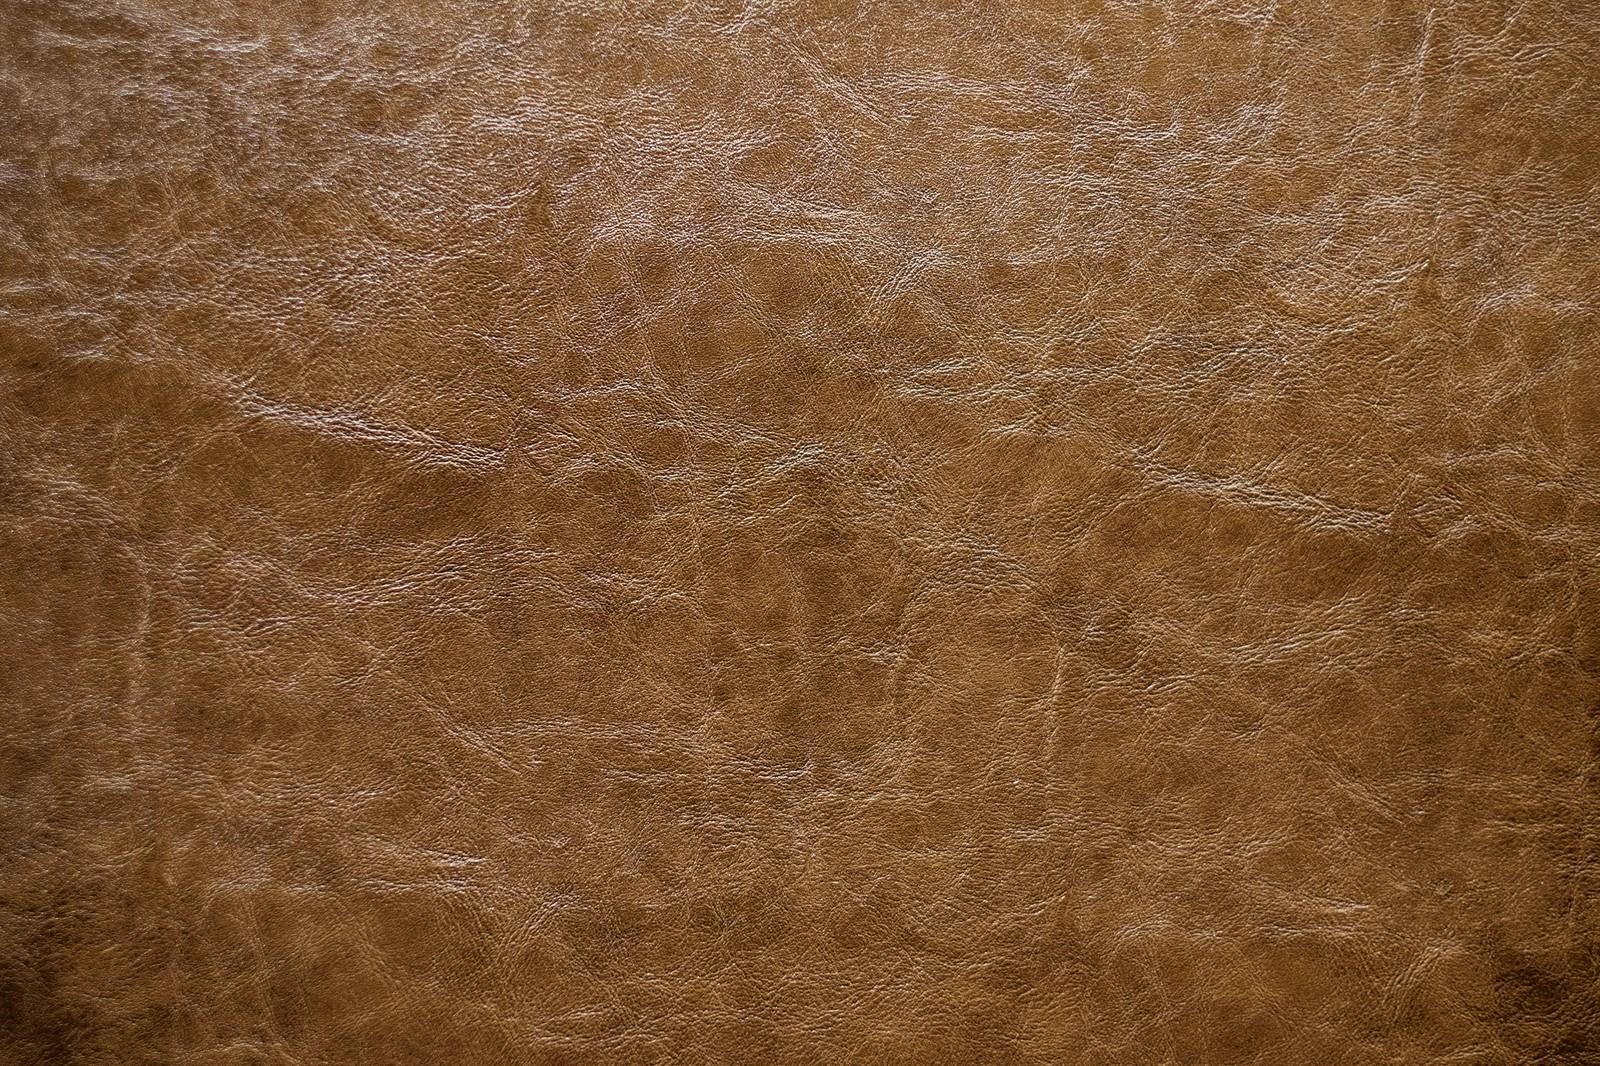 「革製品の表面(テクスチャー)」の写真